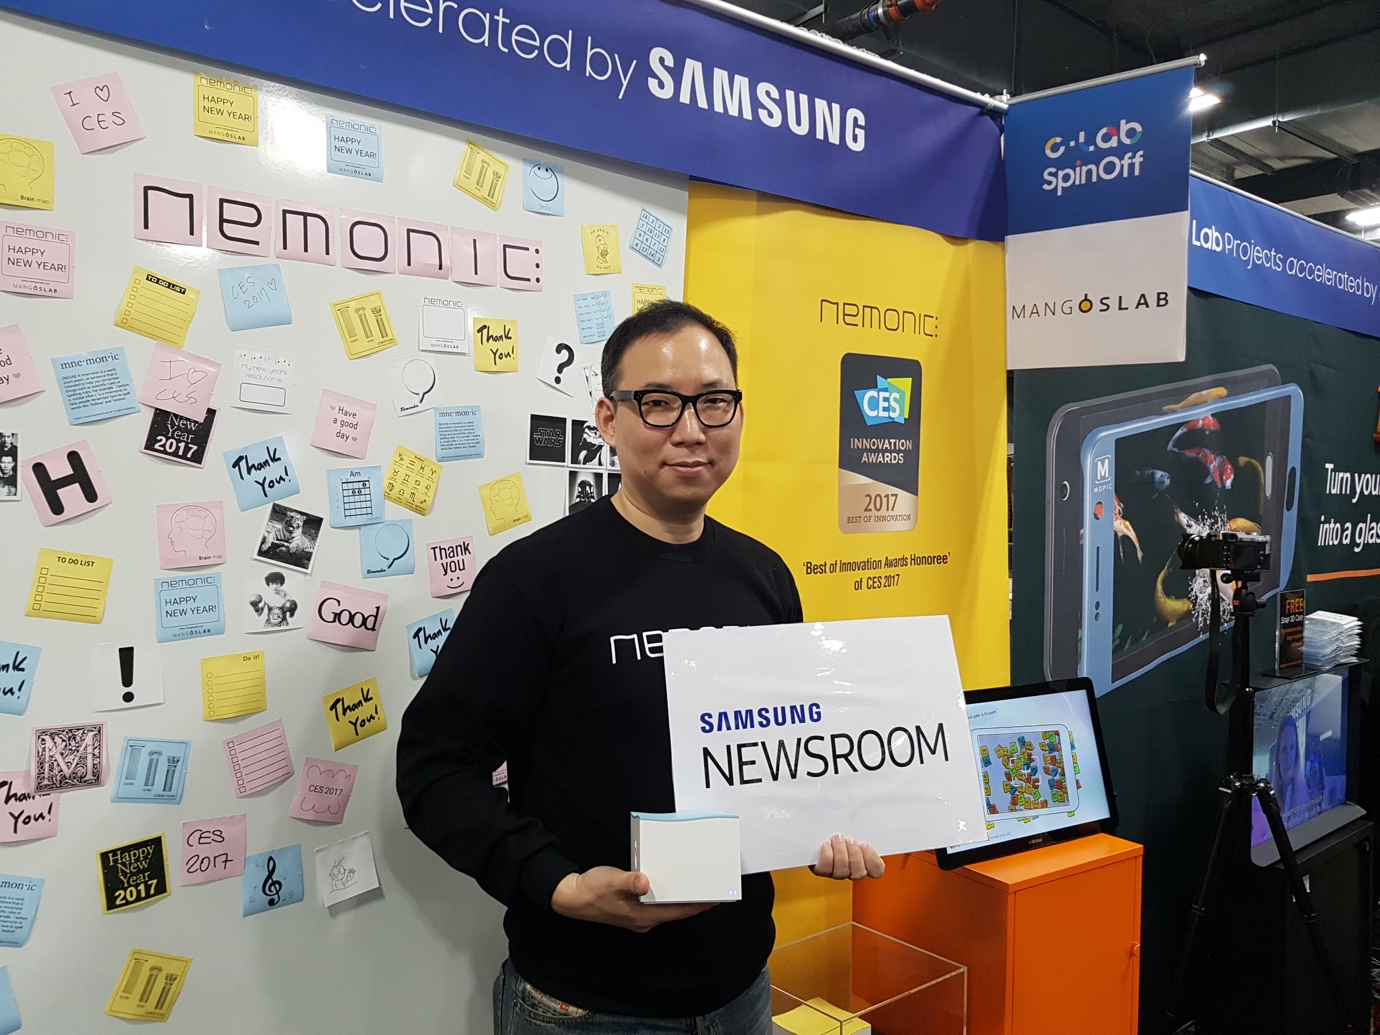 네모닉을 개발한 박용식씨가 SAMSUNG NEWSROOM 플랜카드를 들고 있다